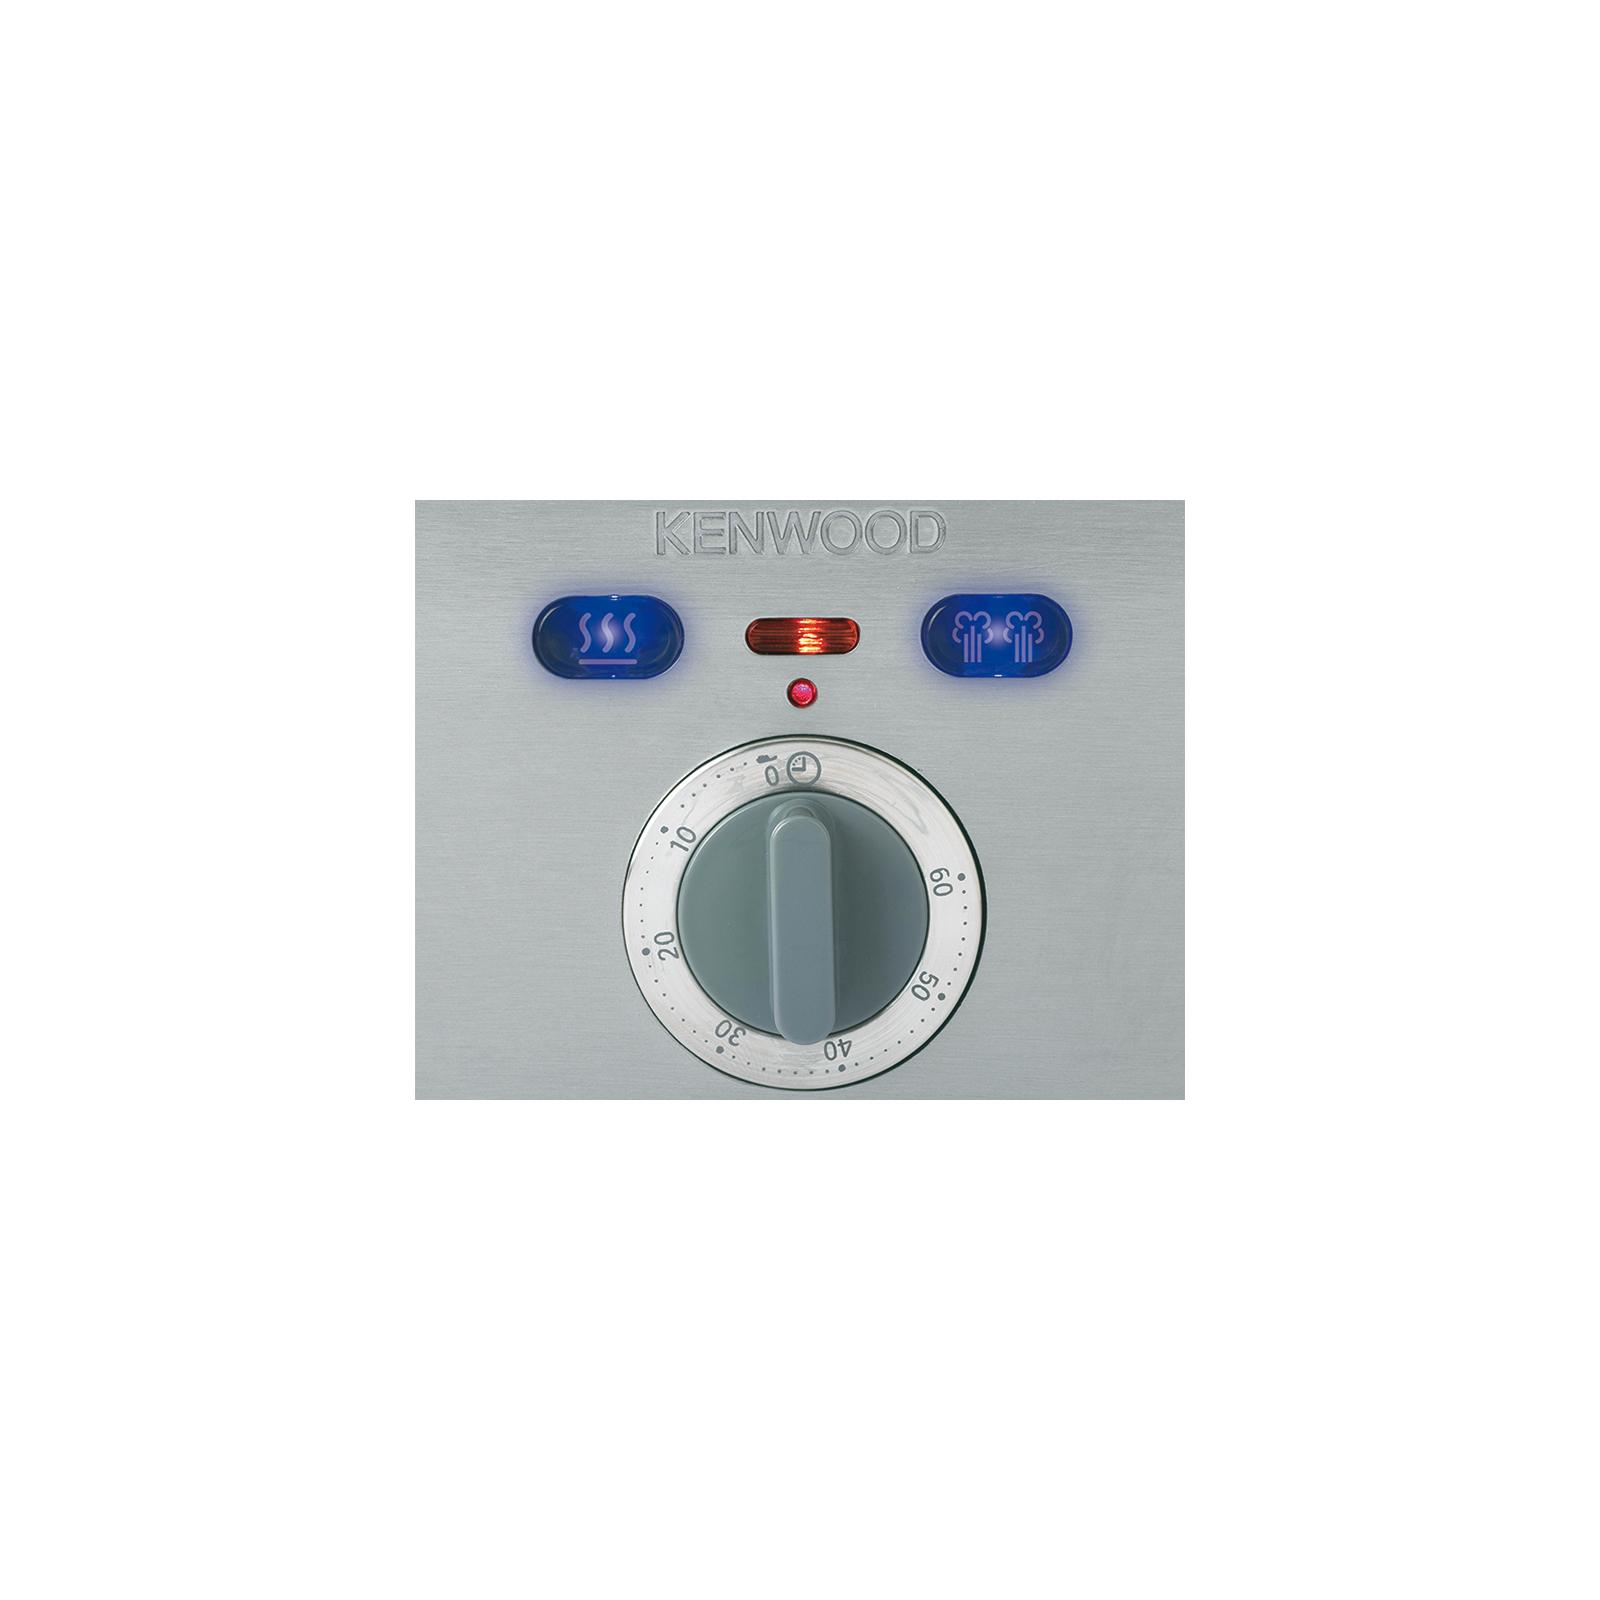 Пароварка KENWOOD FS620 изображение 3